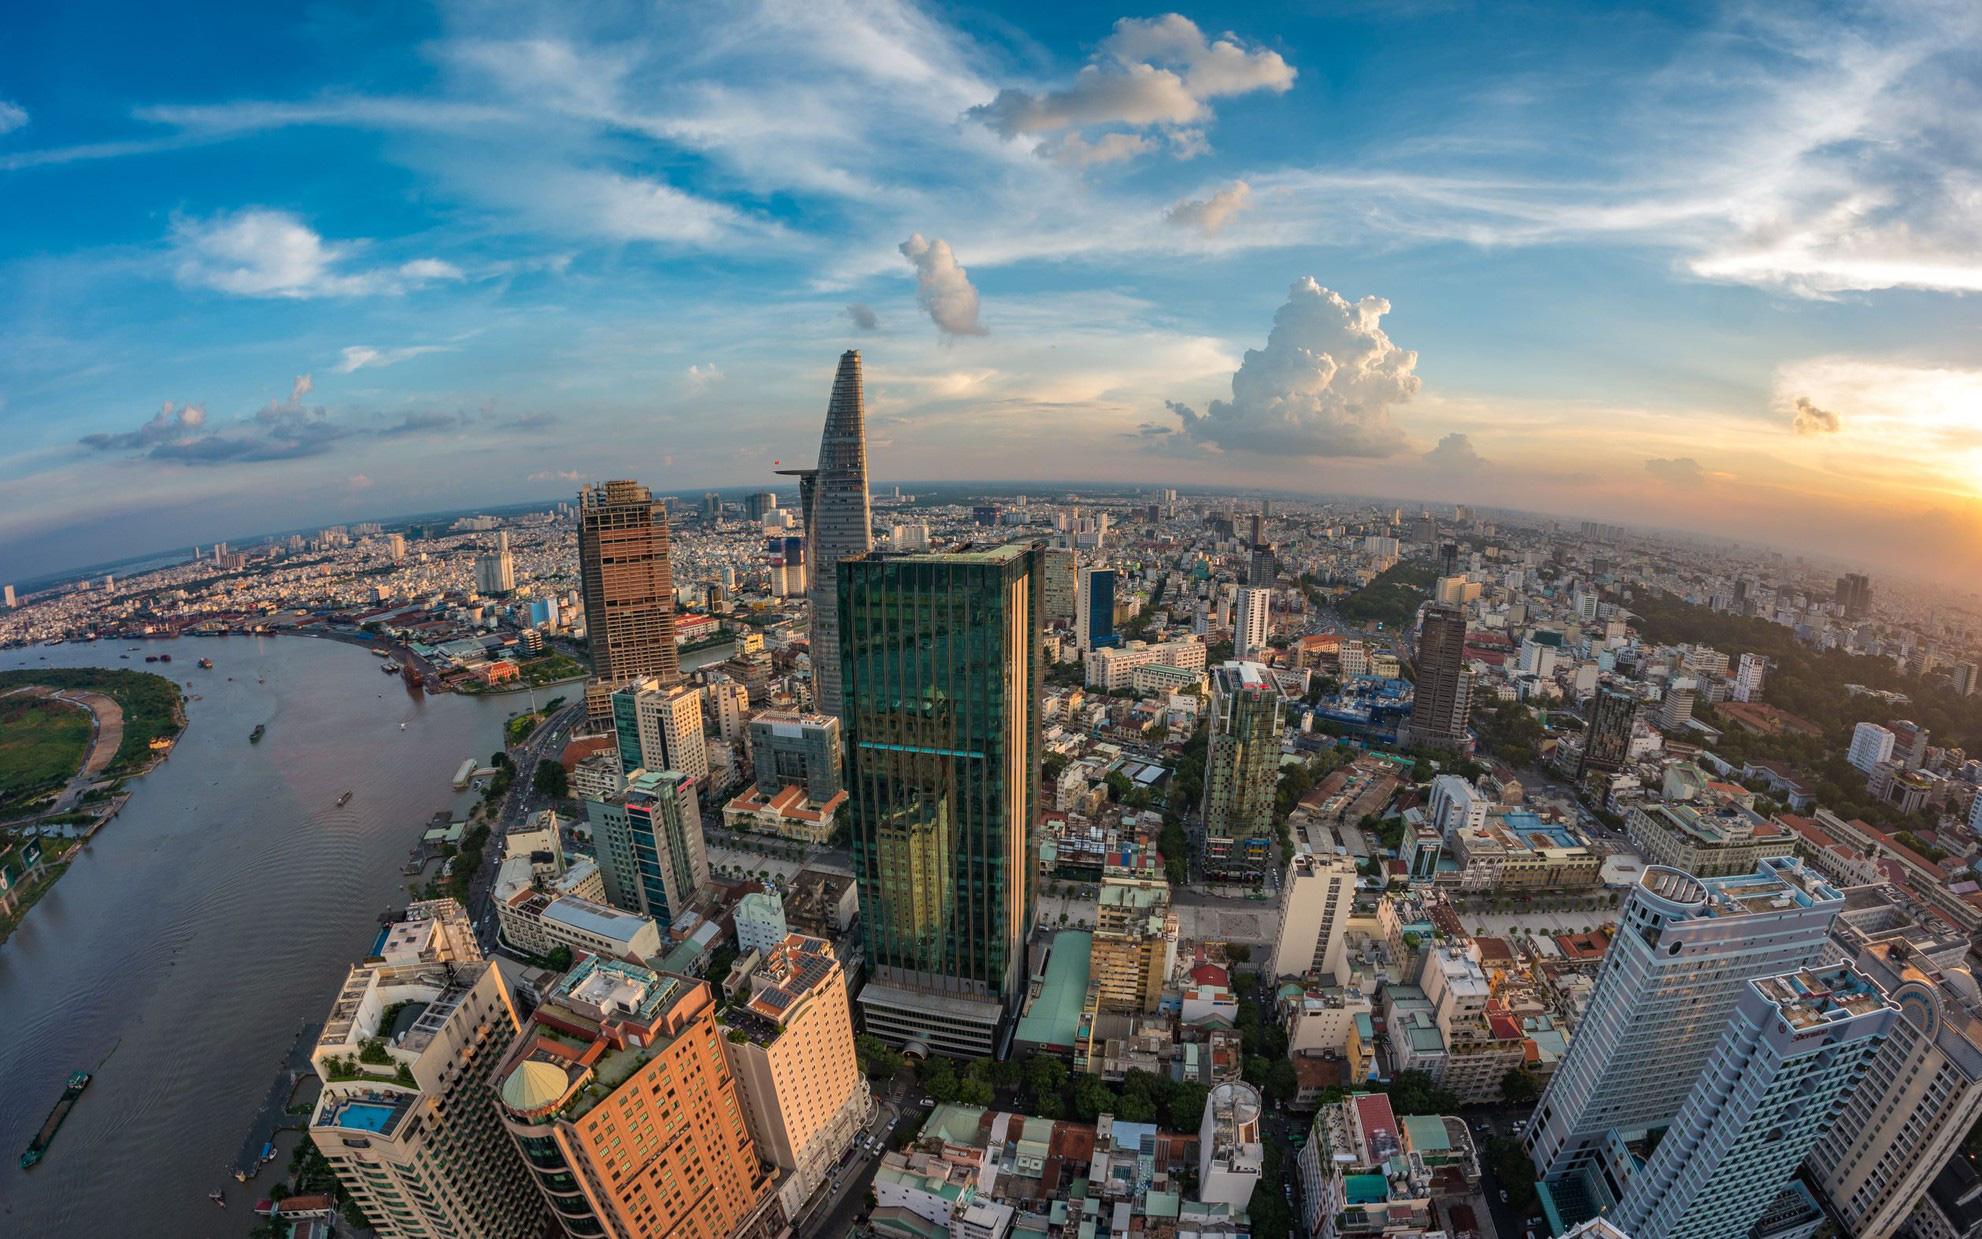 Tình hình phát triển kinh tế nửa đầu năm 2020 của các tỉnh thành trực thuộc Trung ương - Ảnh 2.